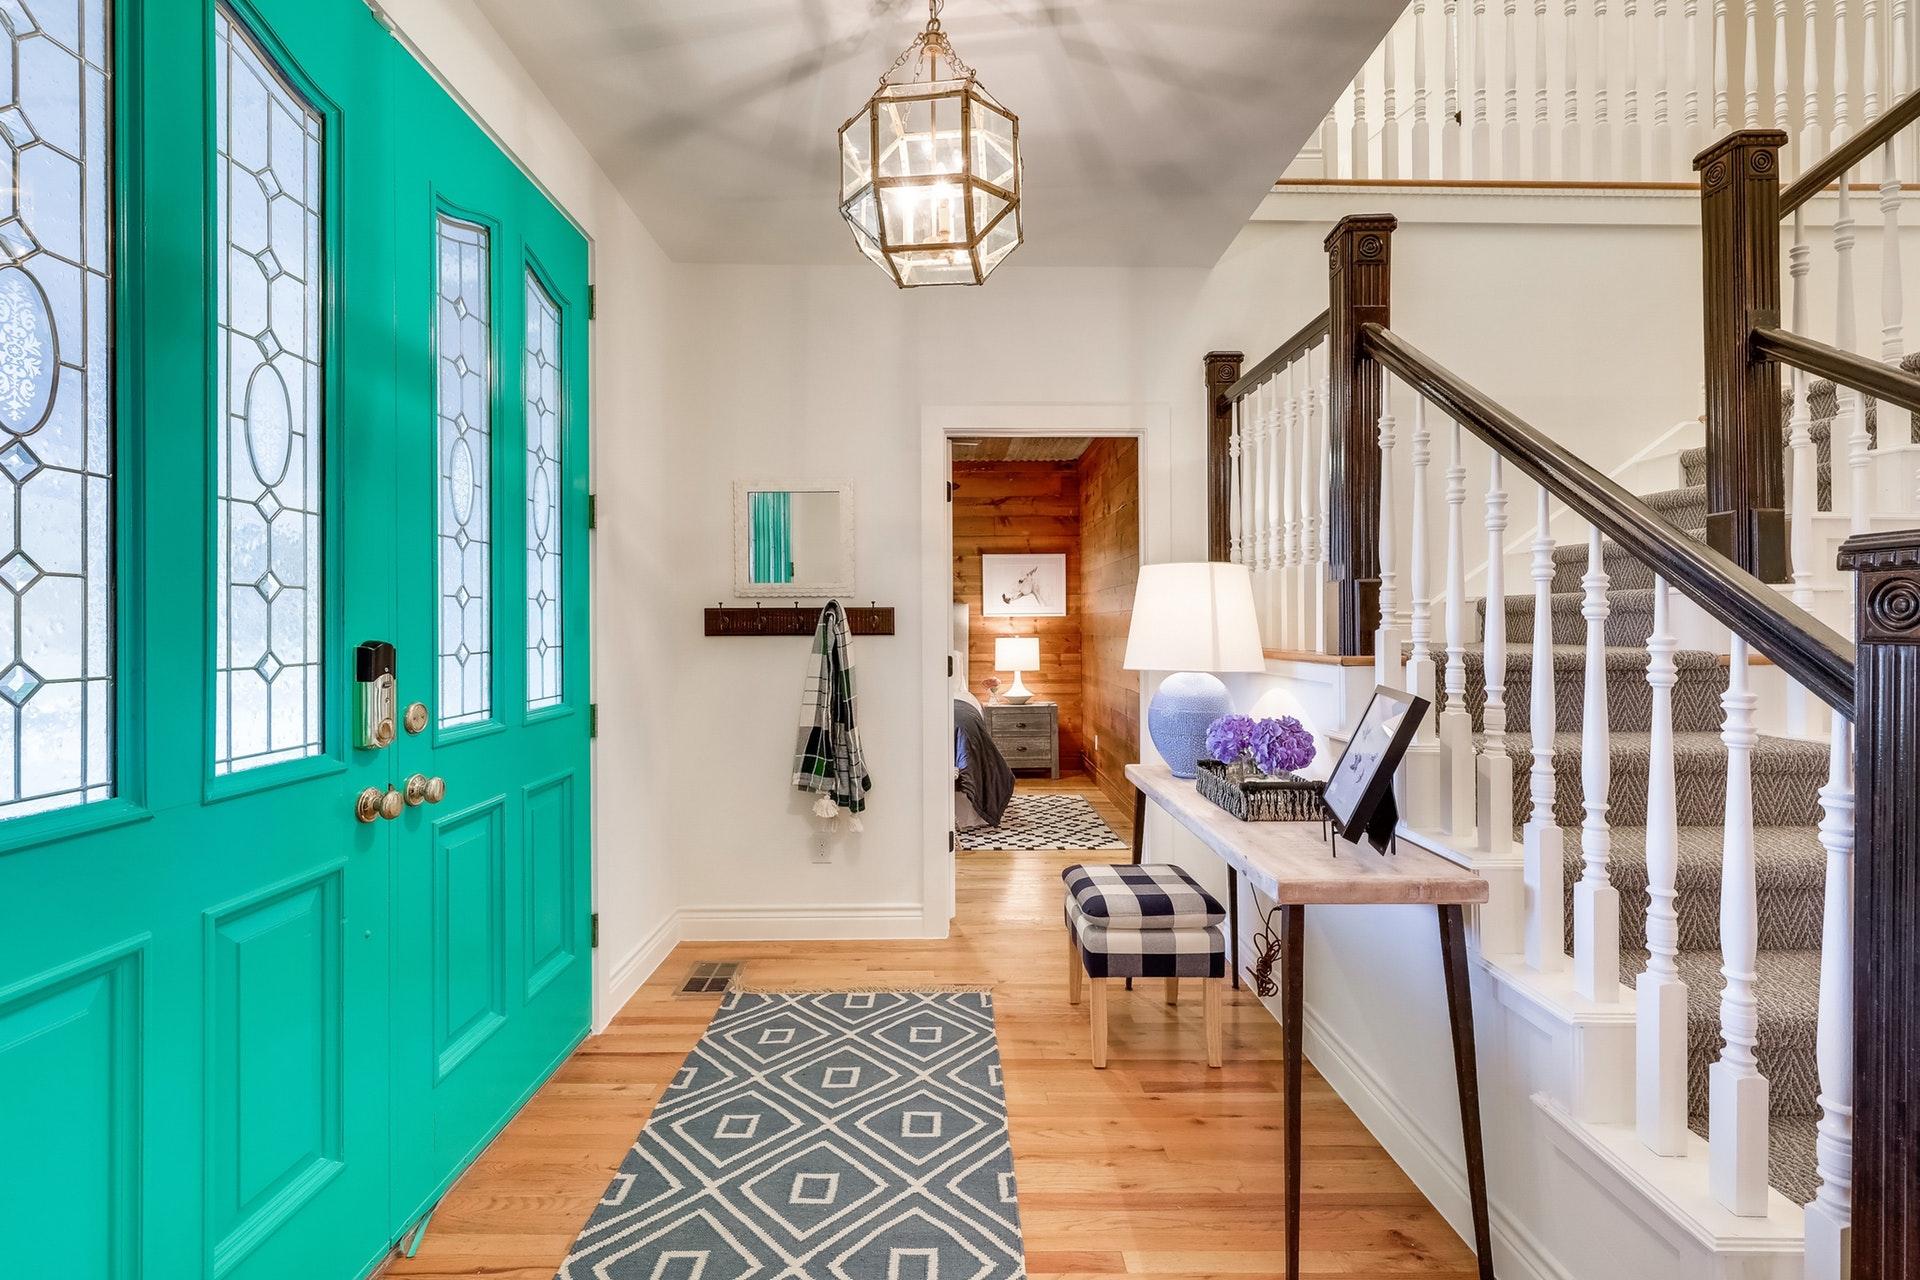 Modern Farmhouse BnB Entry - Stair Carpet and Circa Fixture.jpg